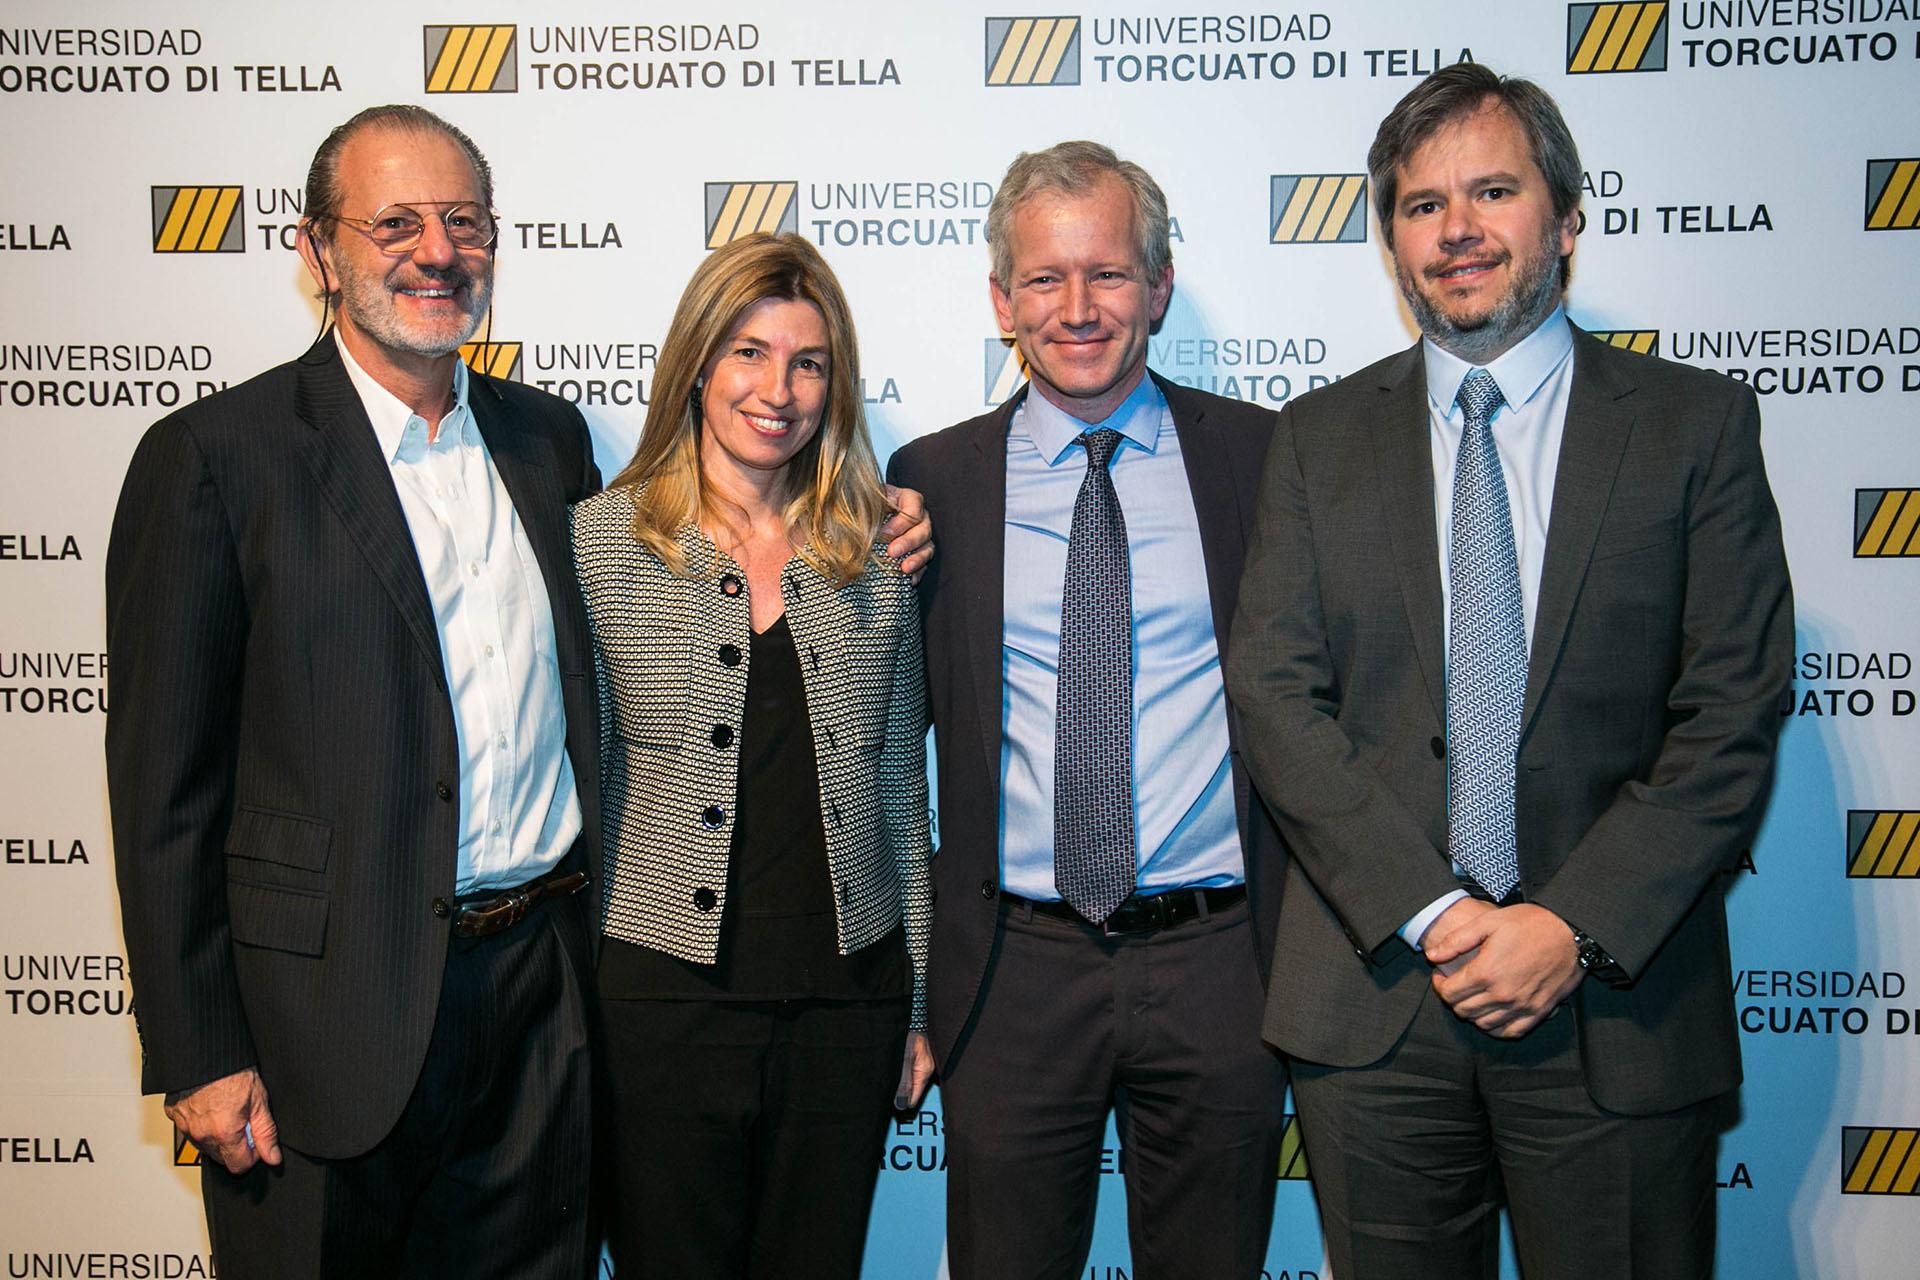 Roberto Vivo, Javier D'Alessandro y su esposa, junto aErnesto Schargrodsky.